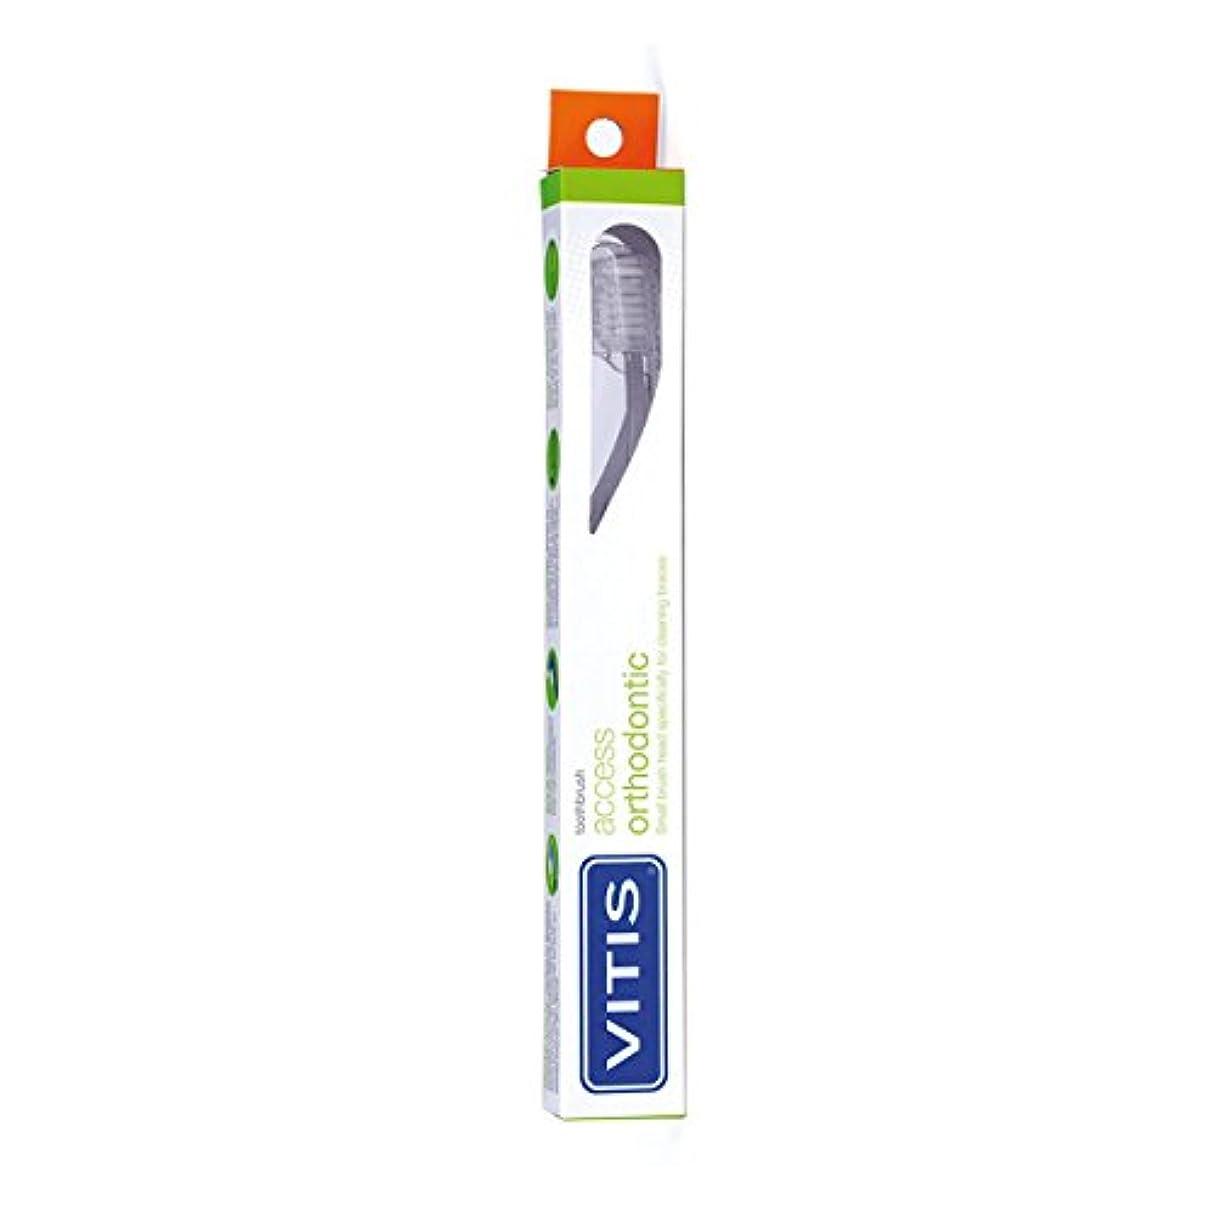 後ろに読書チューインガムVitis Orthodontic Access Toothbrush [並行輸入品]